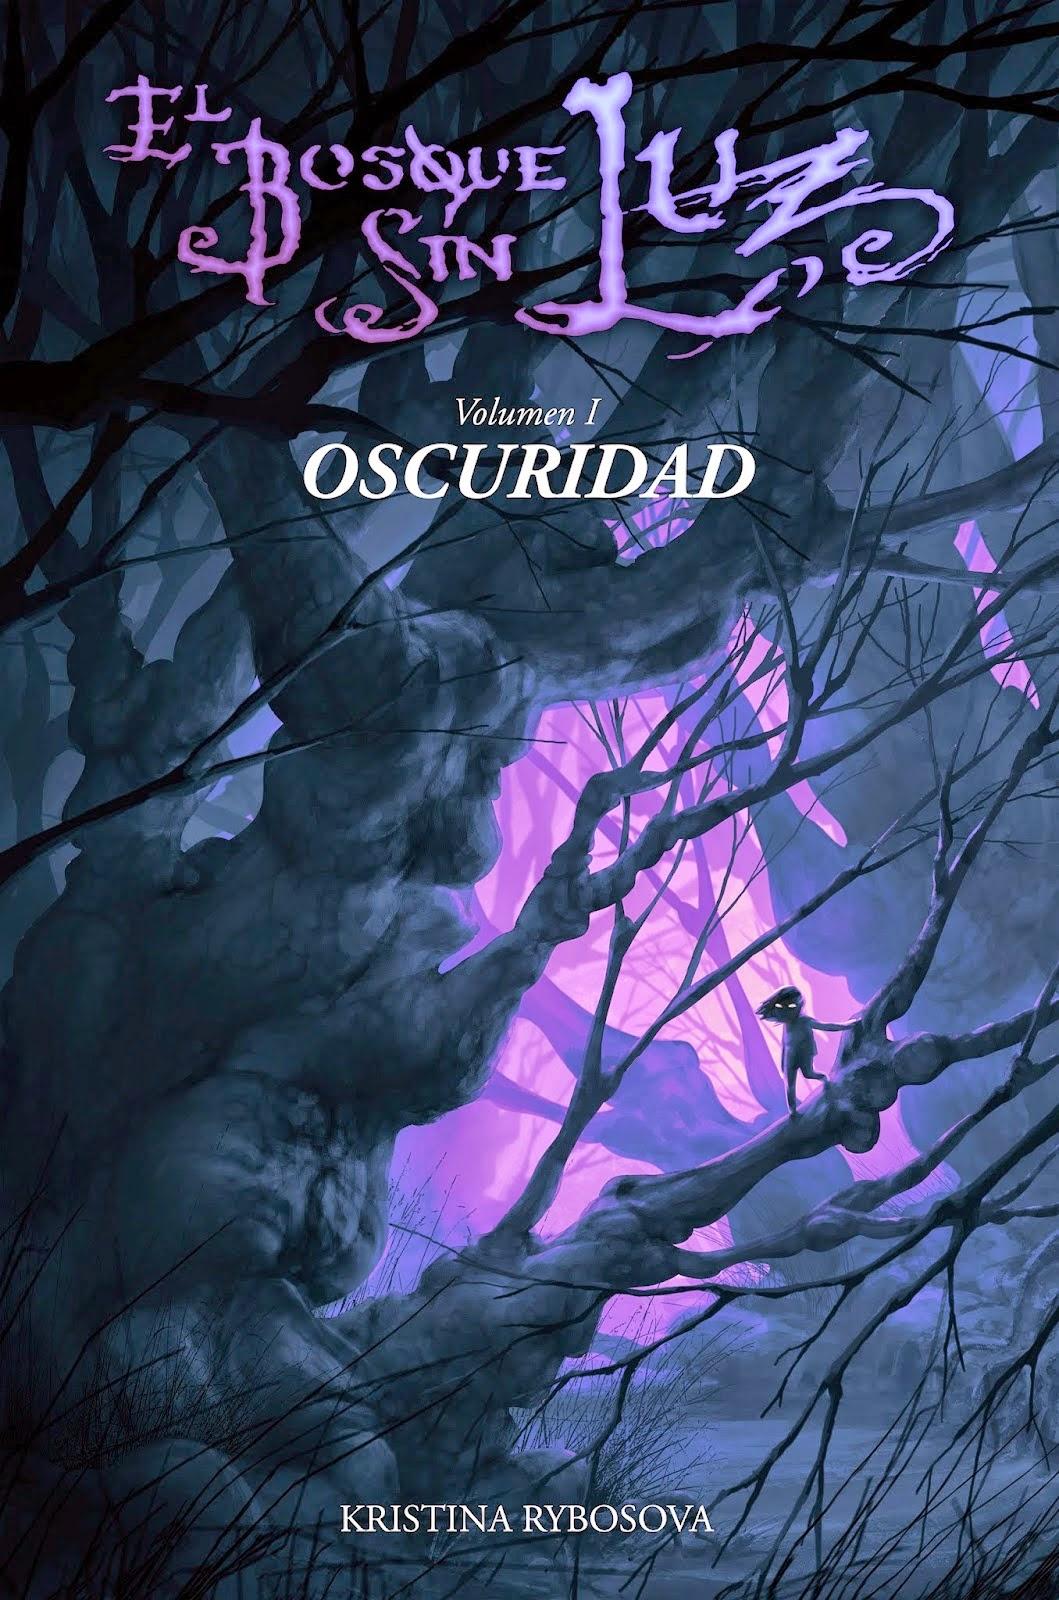 http://labibliotecadebella.blogspot.com.es/2015/04/el-bosque-sin-luz-i-oscuridad-kristina.html